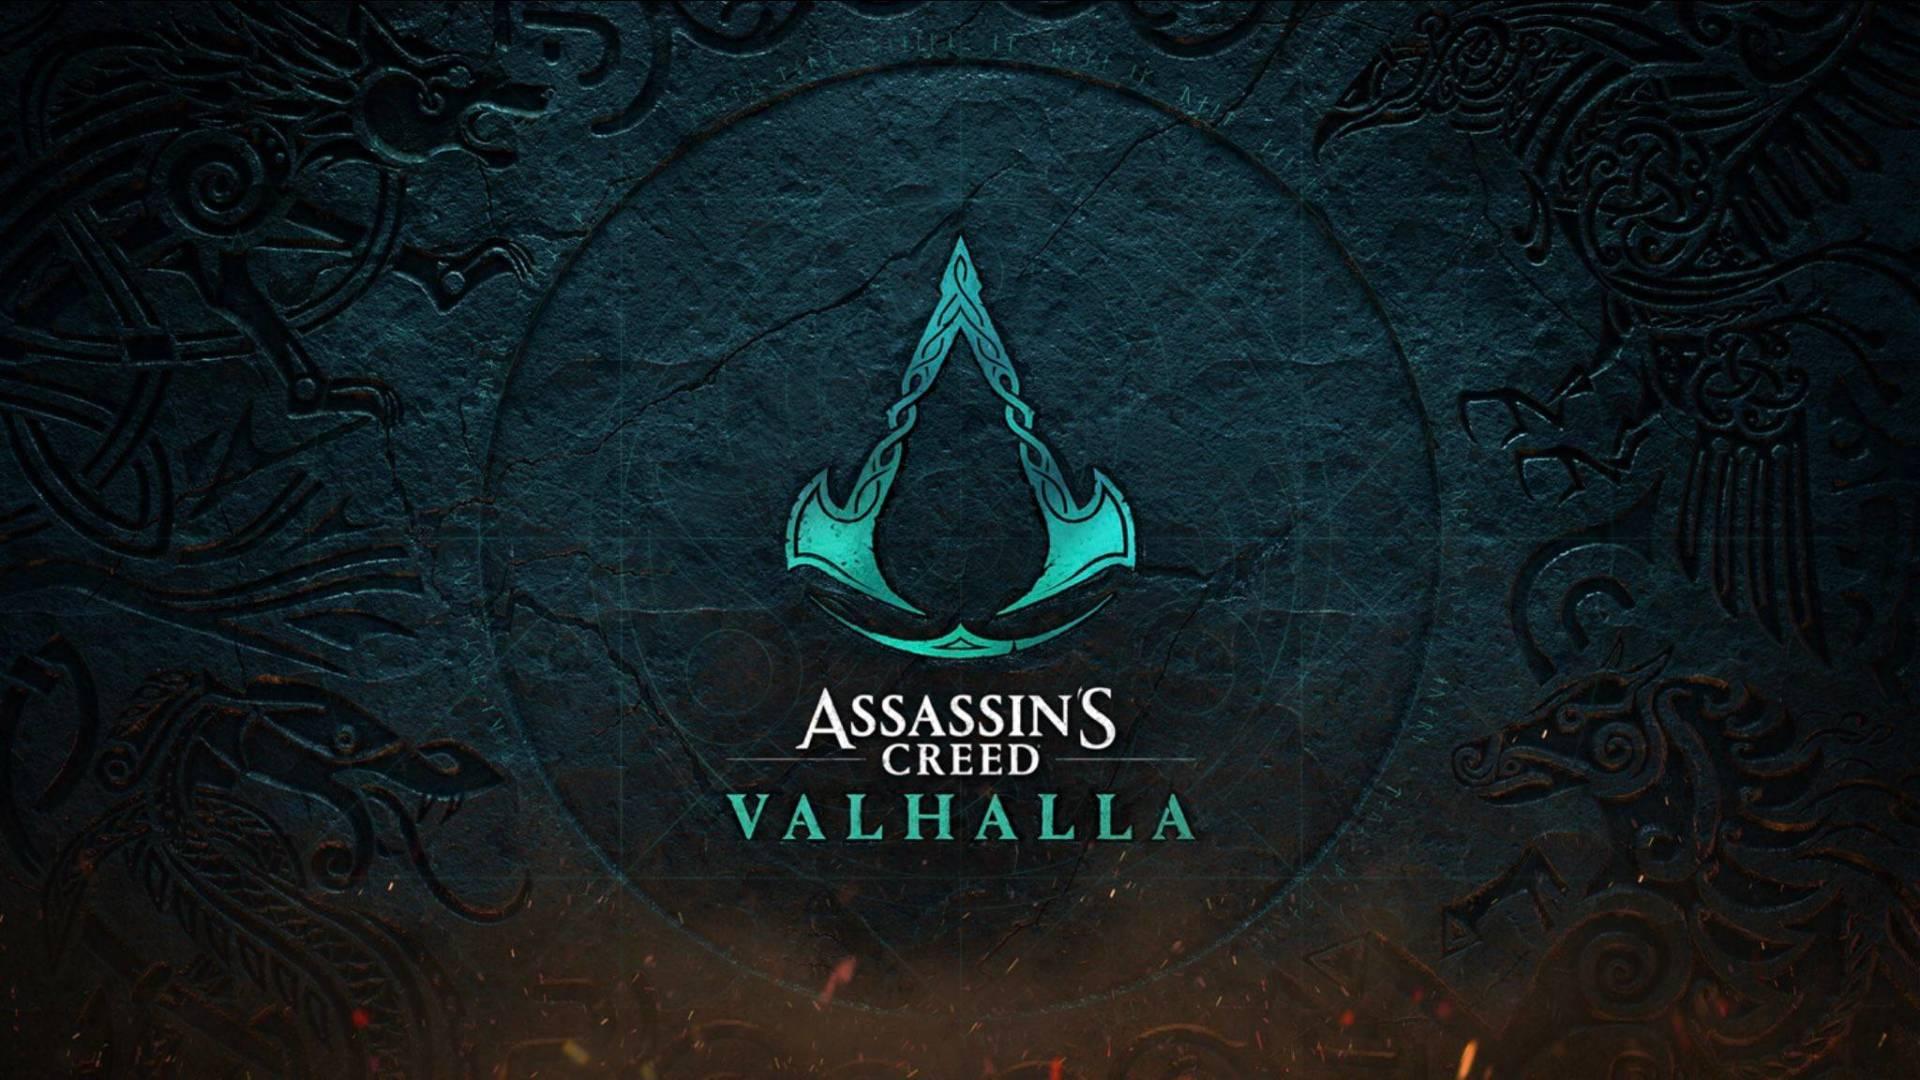 Valhalla Logo - AC Valhalla - Assassin's Creed Valhalla